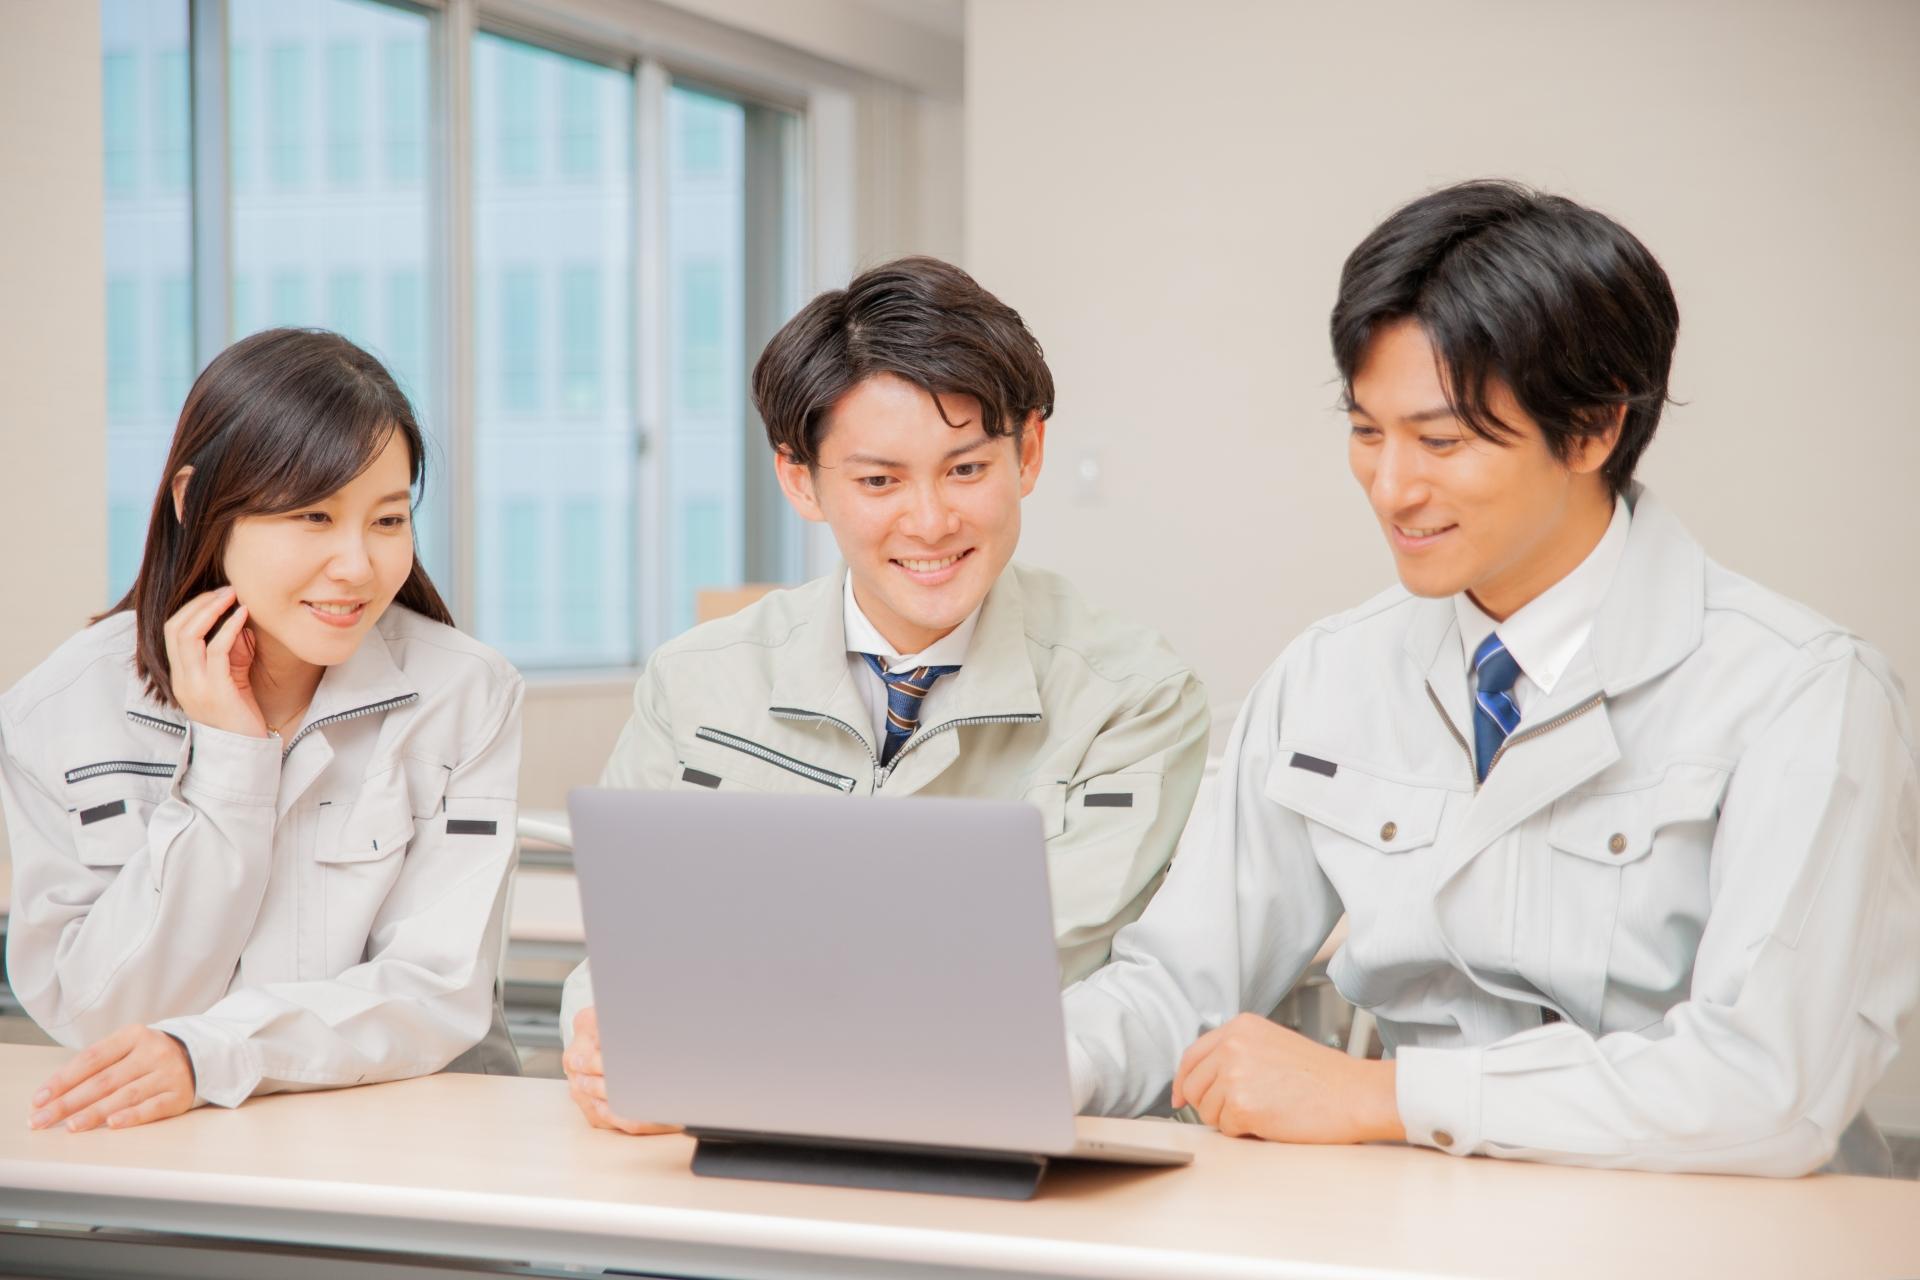 飯田市 ホームページ制作 製造業